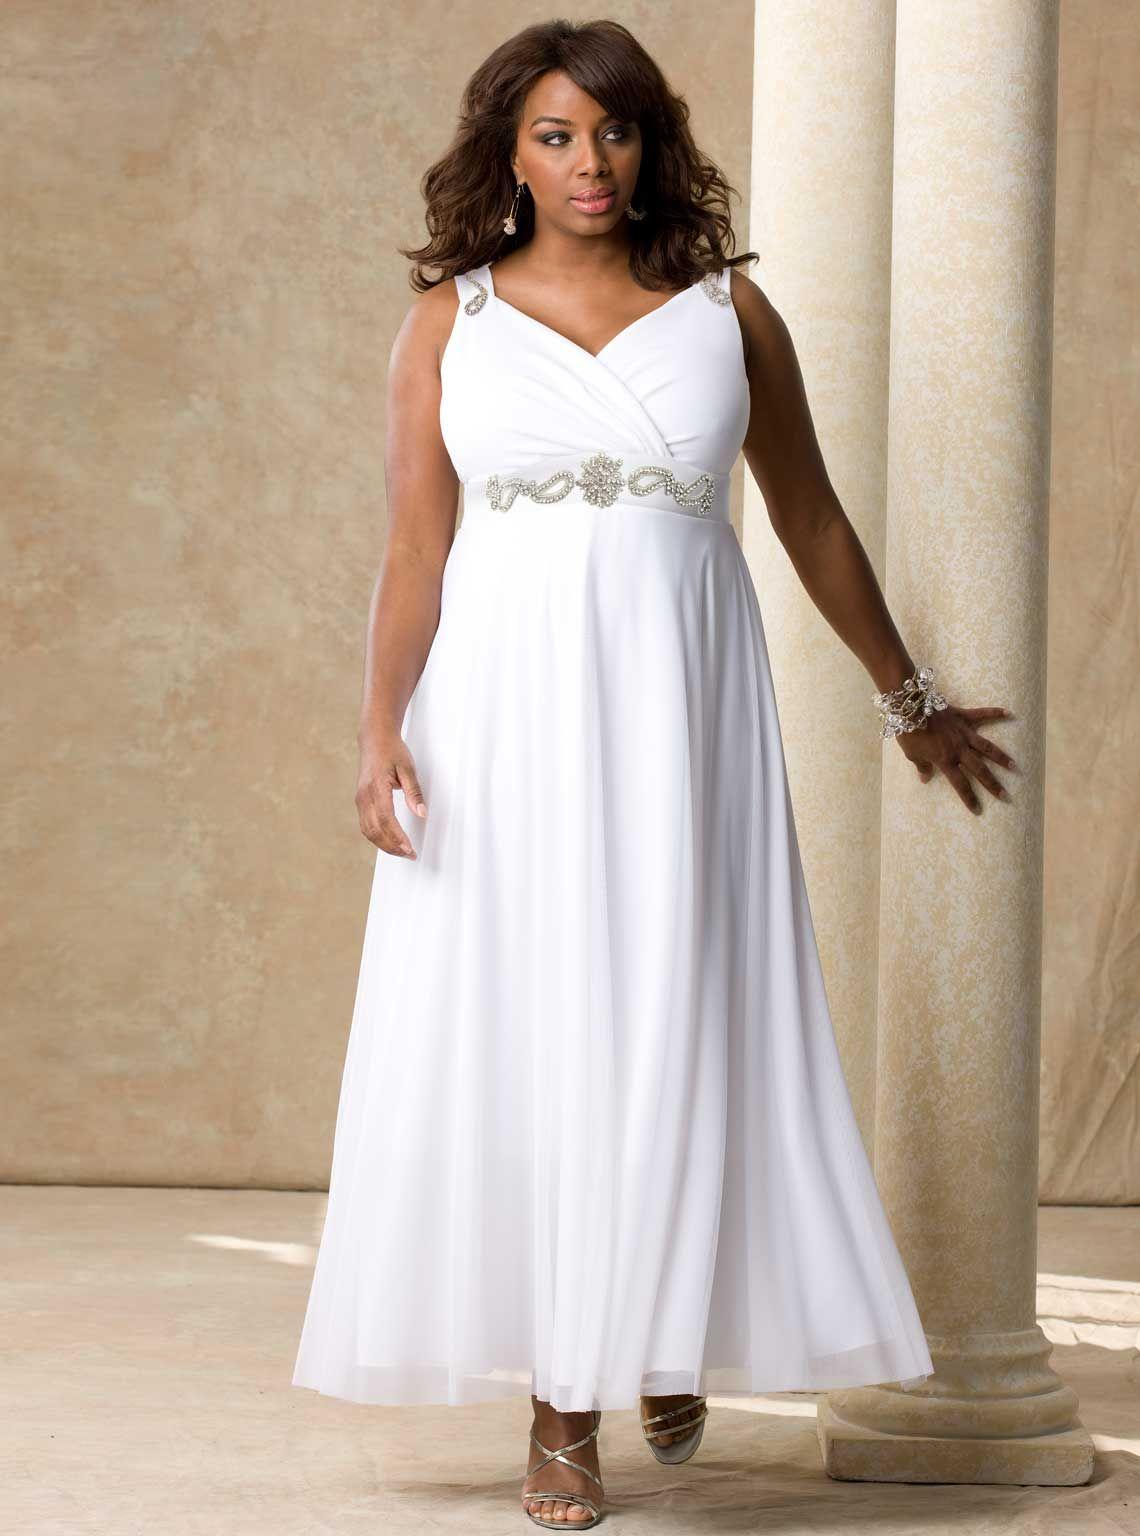 Wedding Dresses For Full Figured Women Informal Wedding Dresses Bridesmaid Dresses Plus Size Wedding Dresses Plus Size